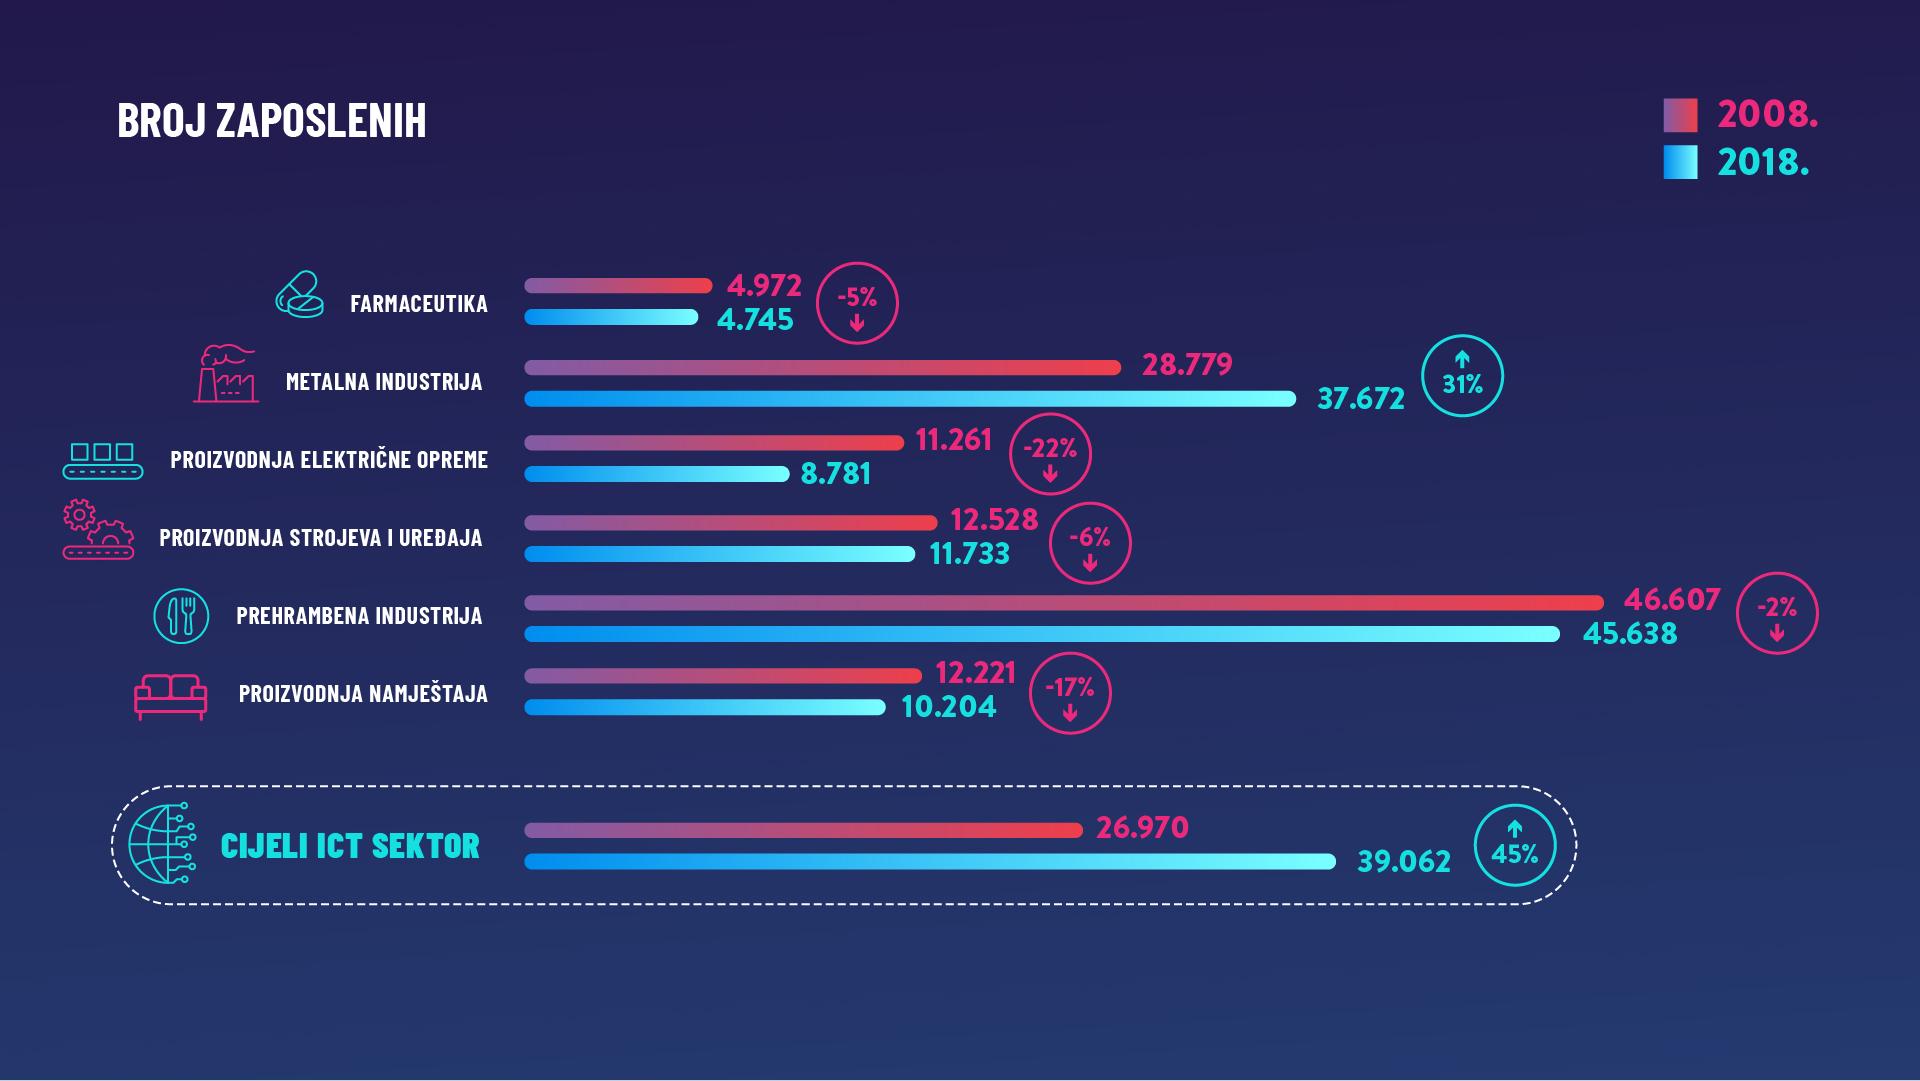 Broj zaposlenih u ICT sektoru